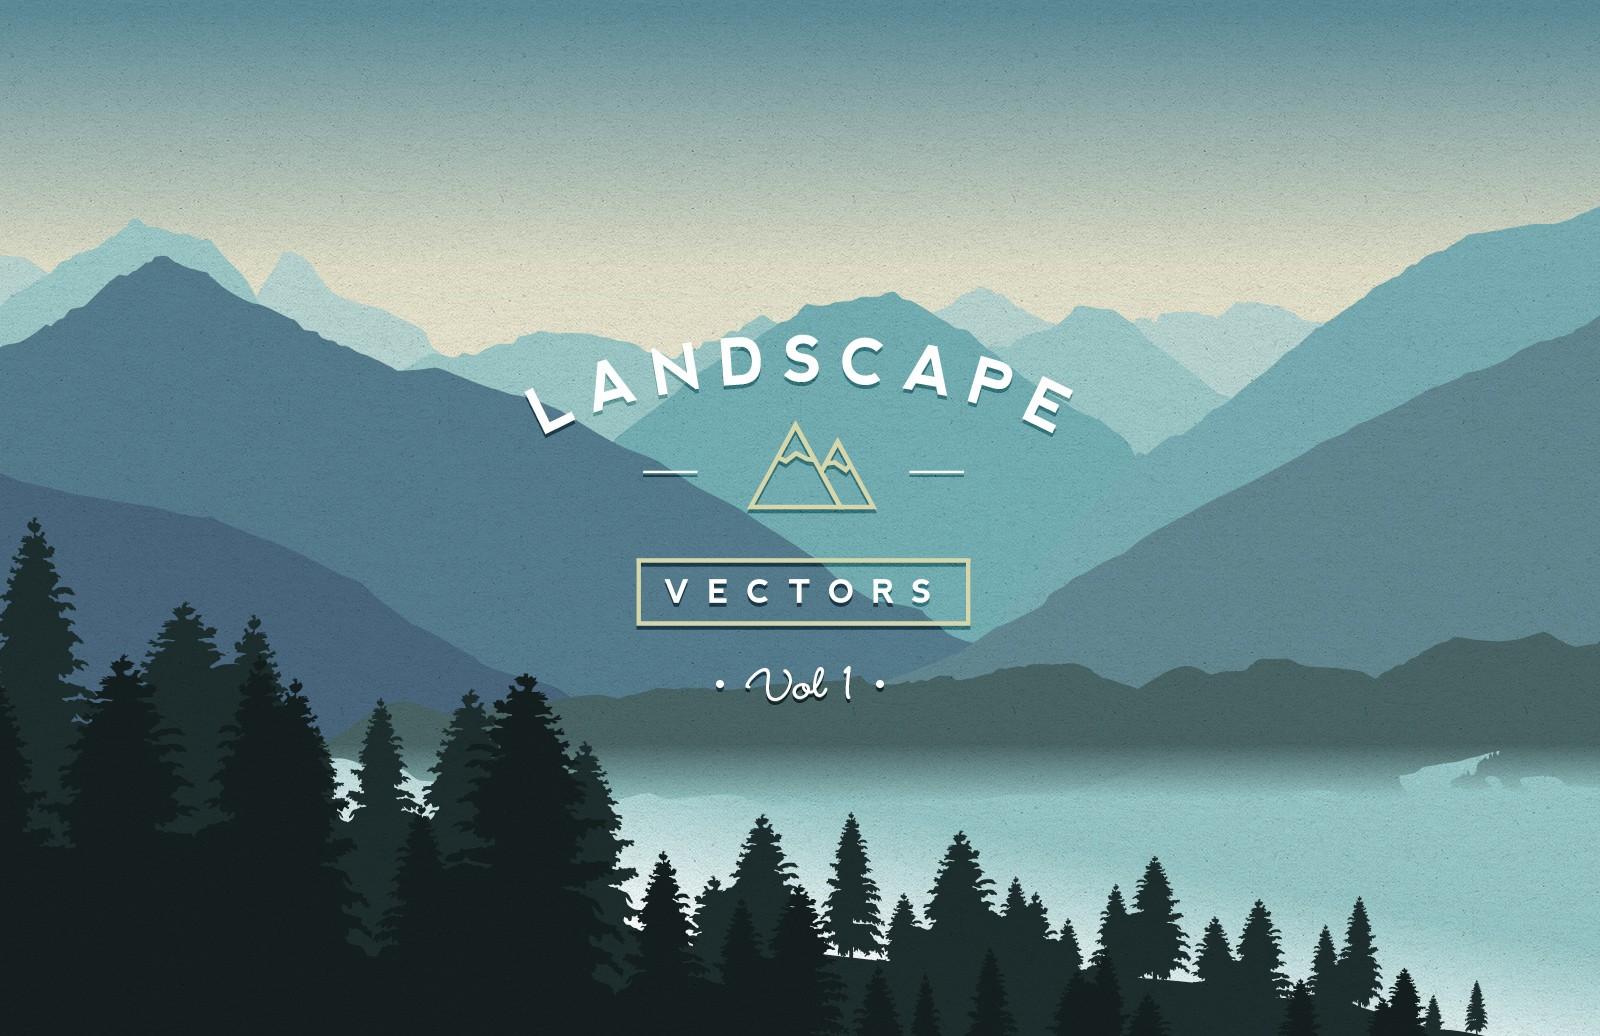 jpg freeuse download Vol . Vector landscapes